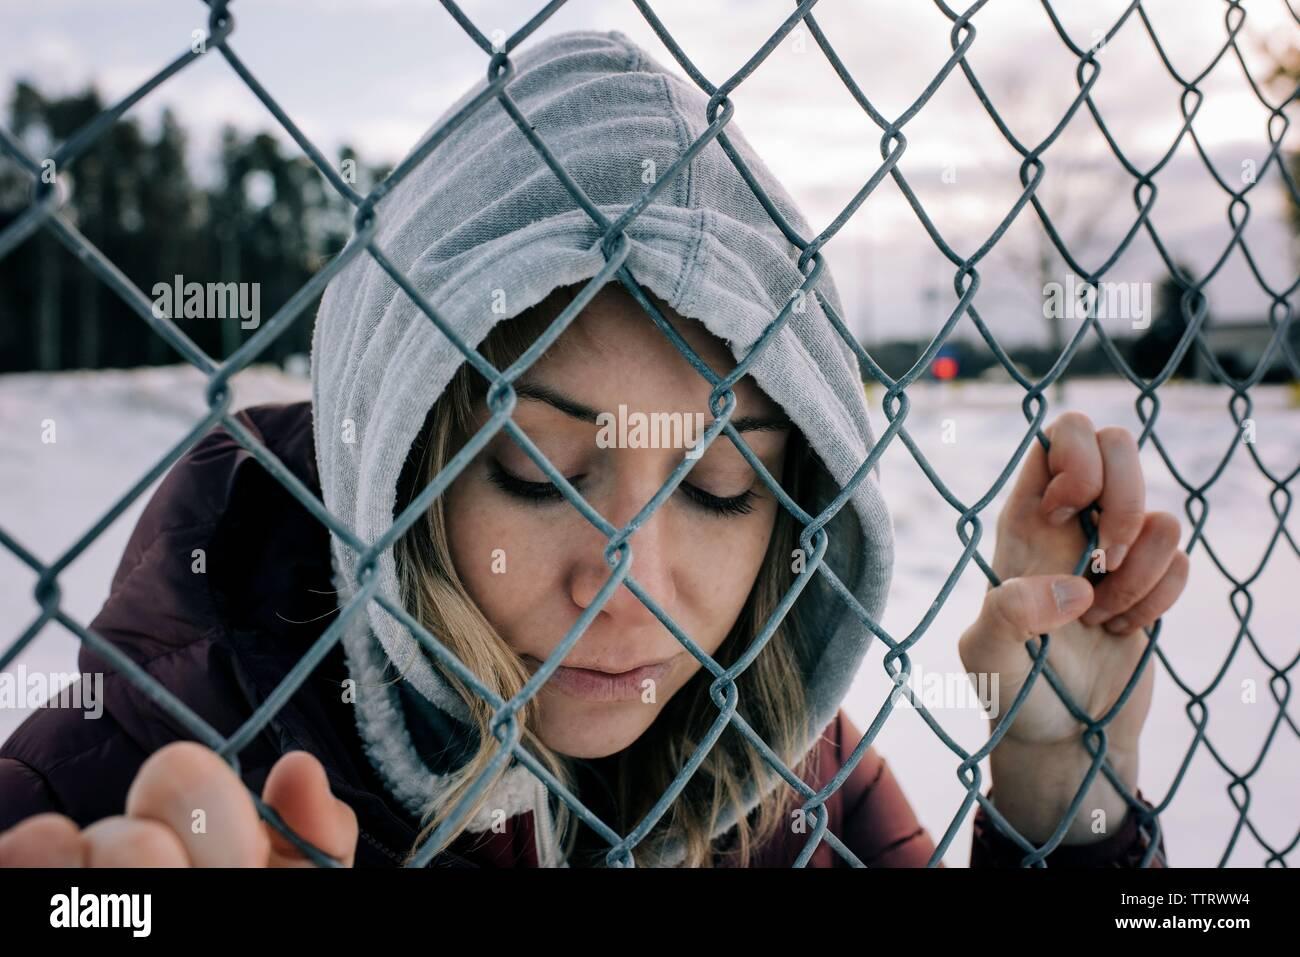 Portrait de femme tenant une clôture métallique avec son capot en hiver Banque D'Images